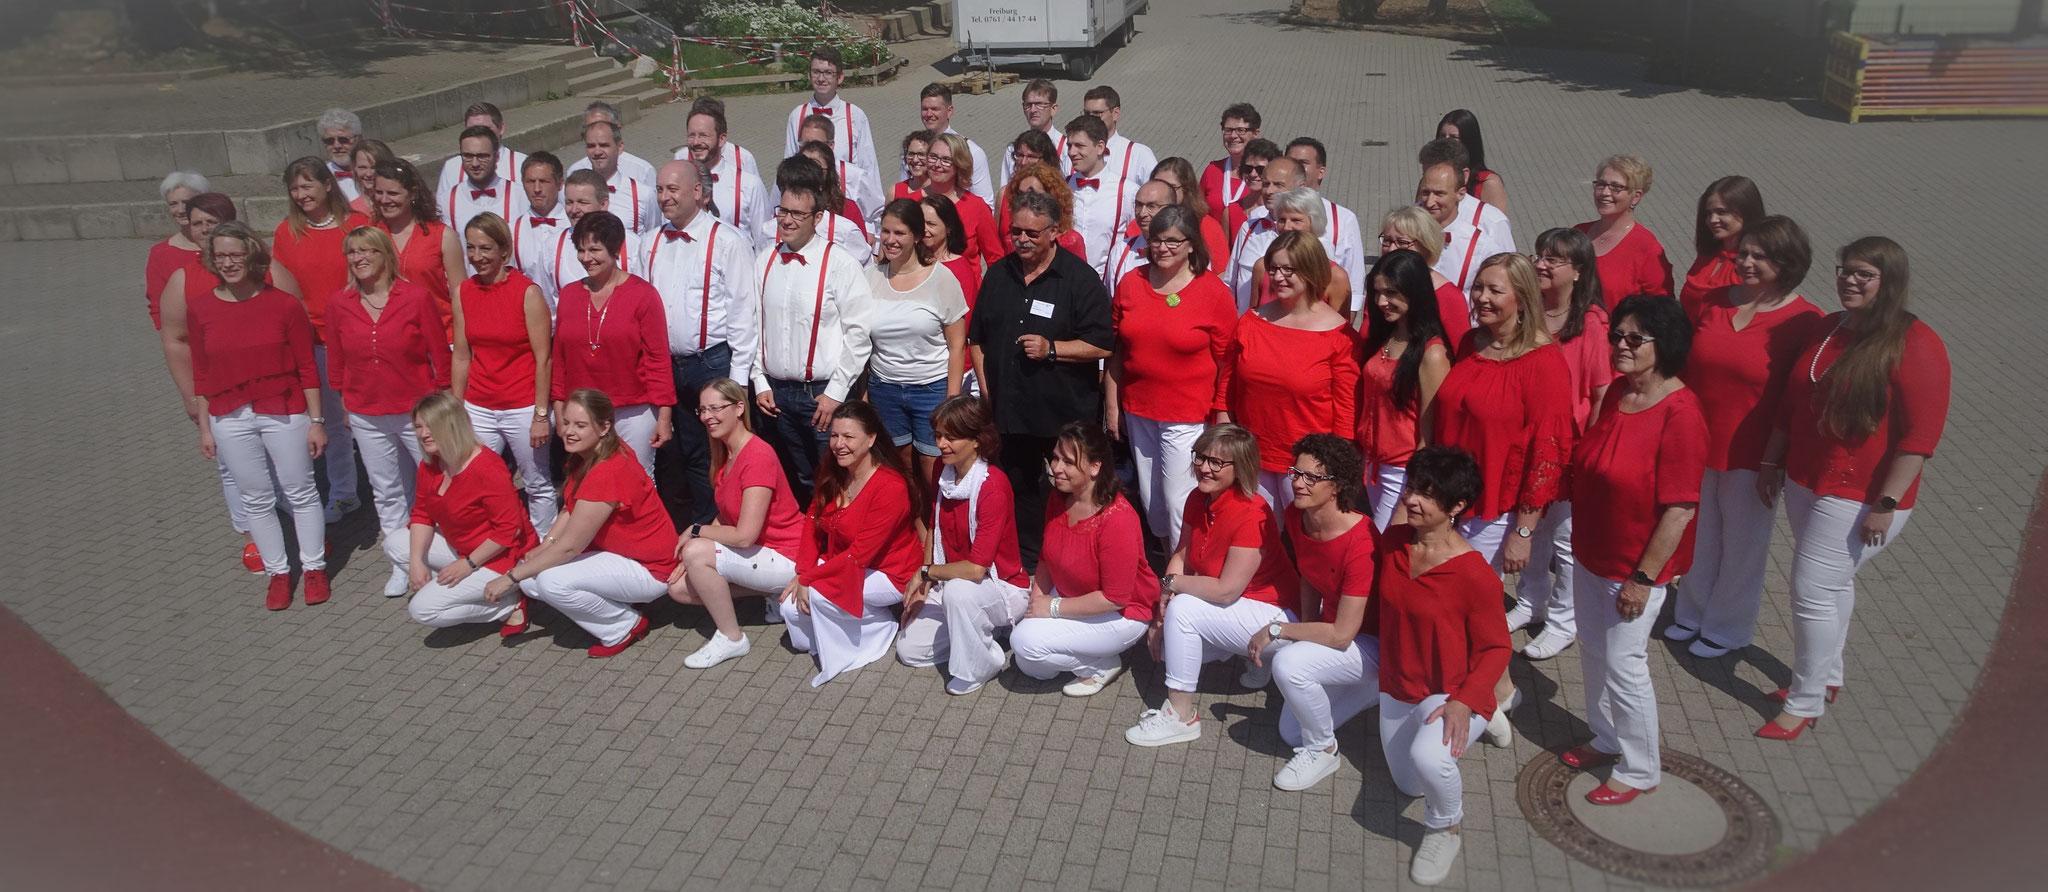 Gruppenfoto vor dem Wertungssingen (c) Eigene Bilder